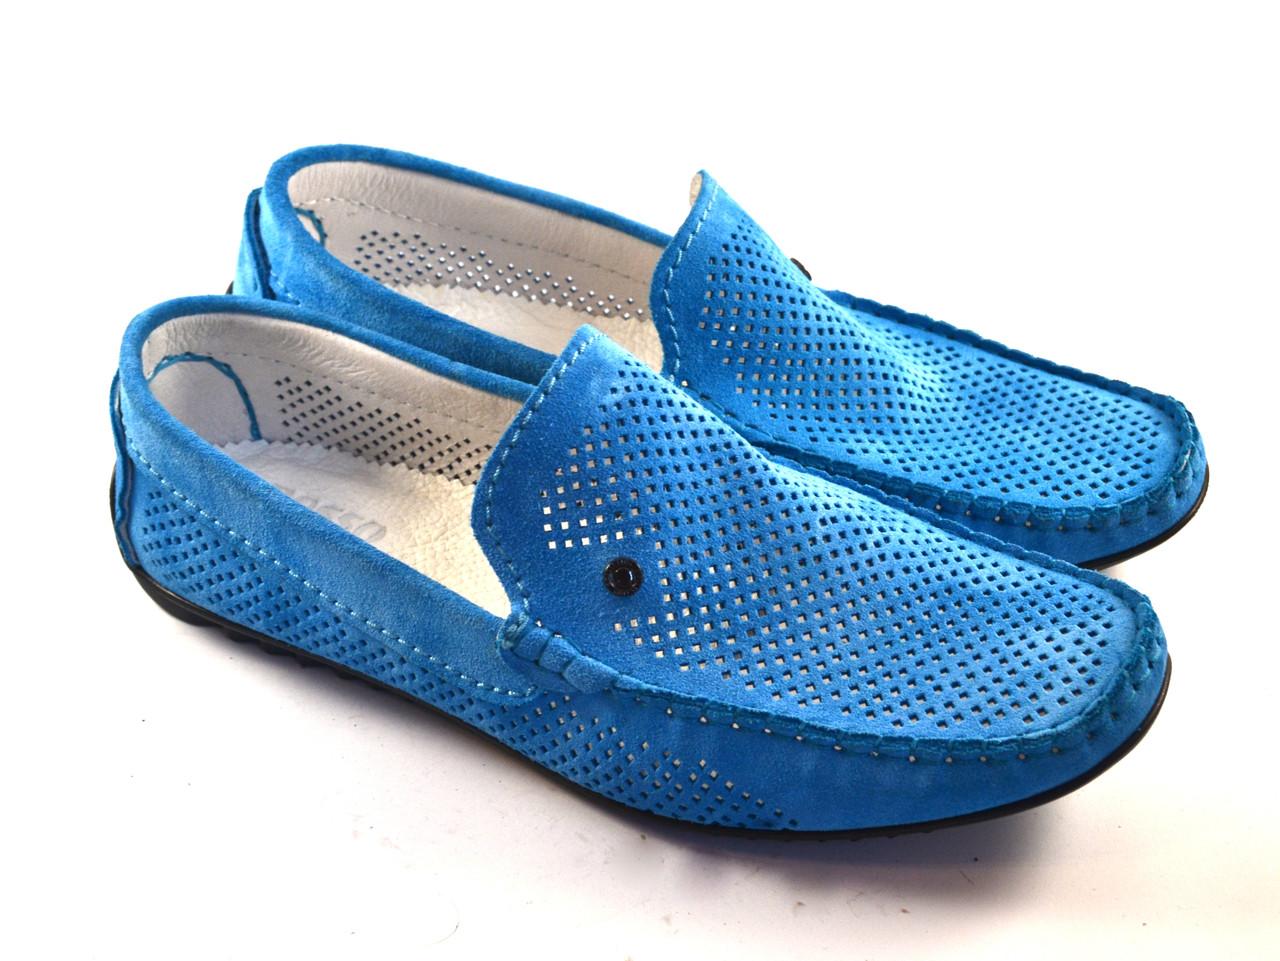 Літні мокасини замшеві взуття великих розмірів чоловіча Rosso Avangard BS SE Alberto Blu Perf